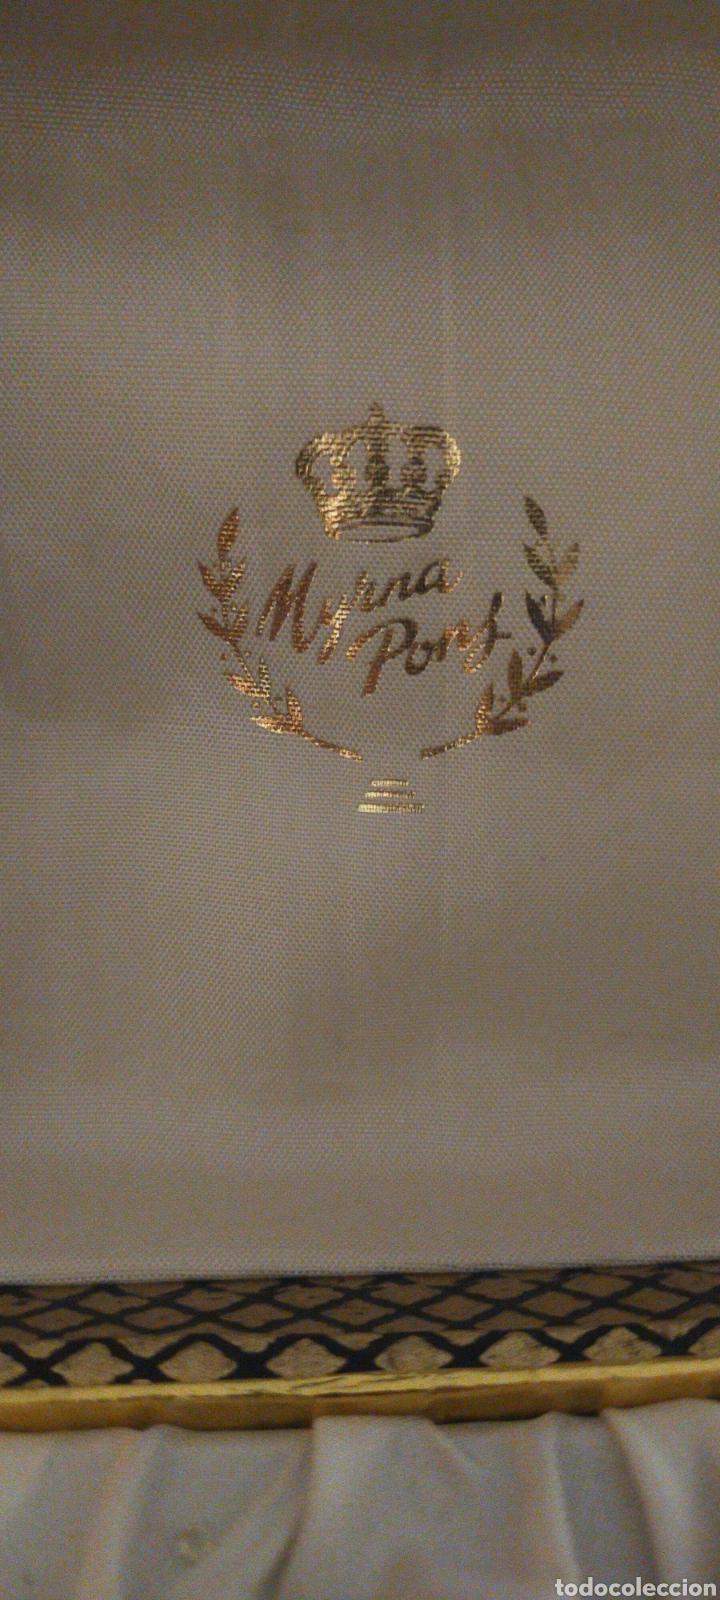 MYRNA PONS ESTUCHE PERFUME(HUELE DE MARAVILLA) LÁPIZ OJOS Y GUARDA PINTALABIOS (Coleccionismo - Miniaturas de Perfumes)